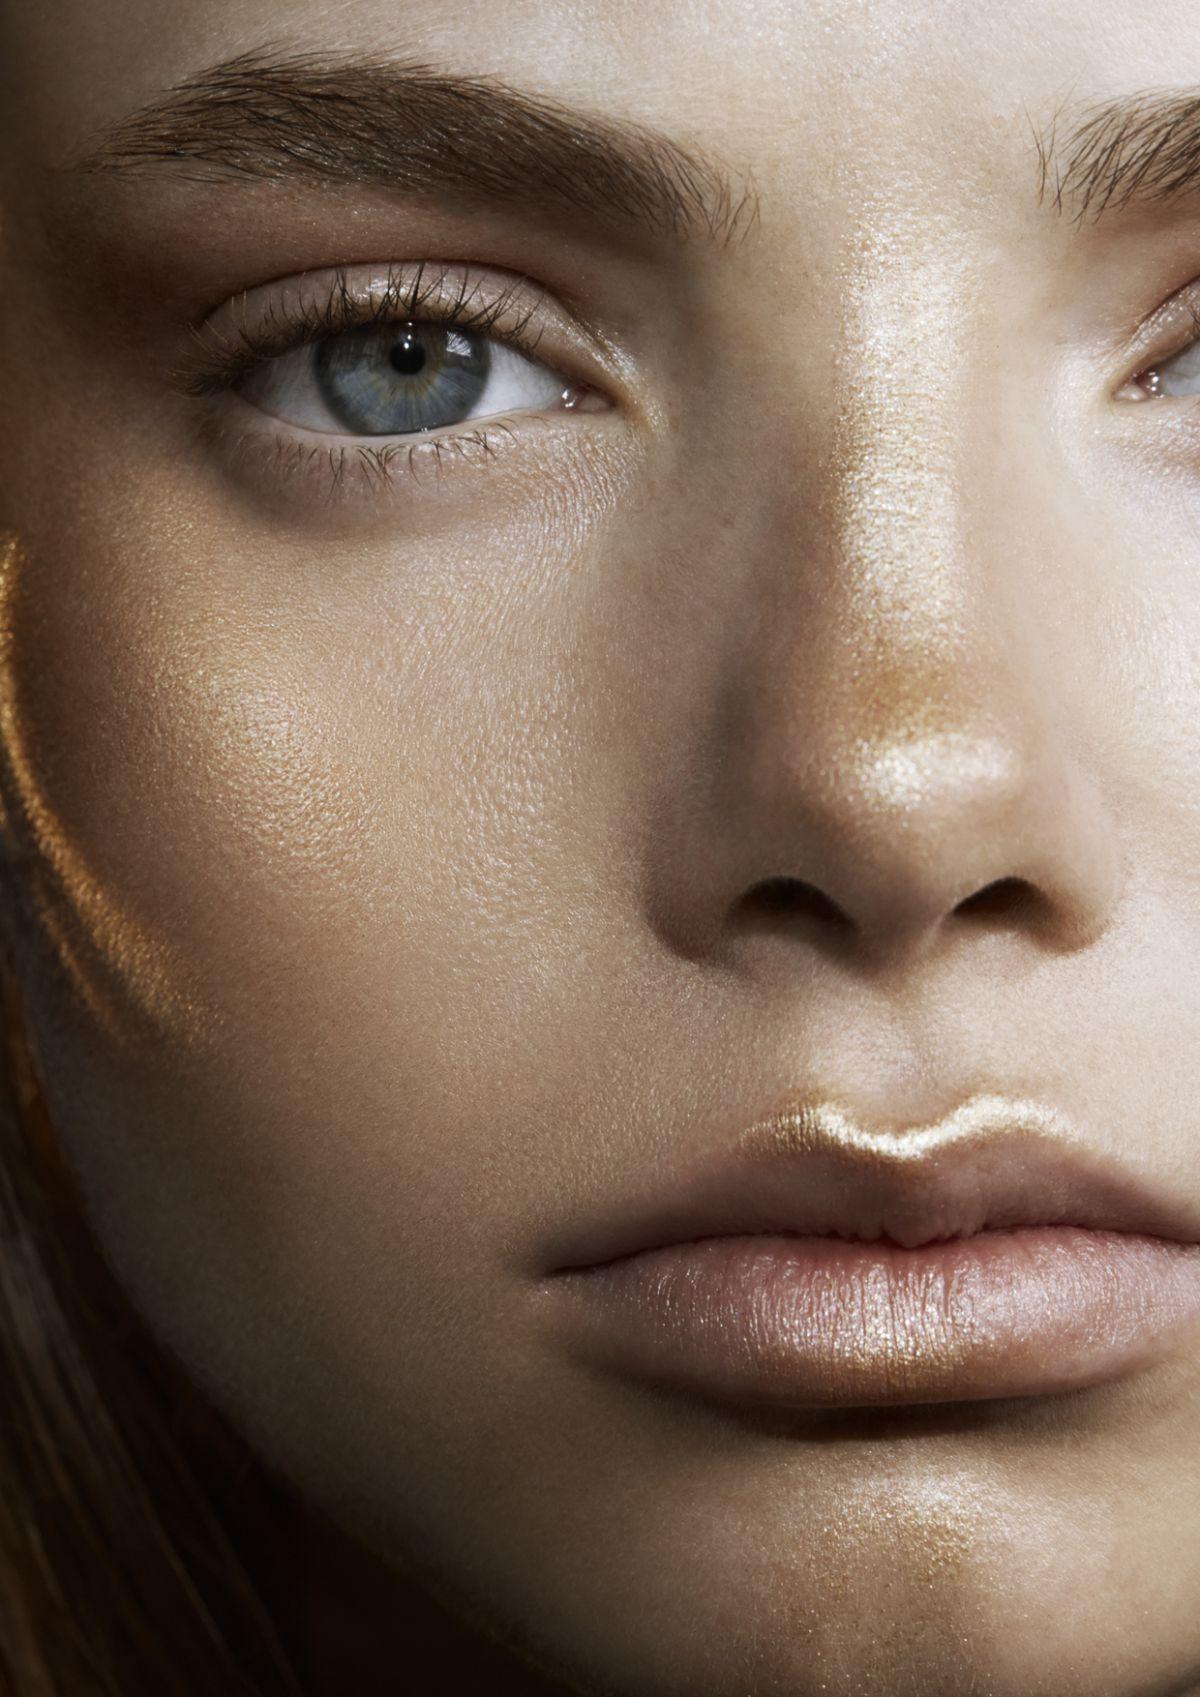 Que tal iluminar pontos estratégicos do rosto com dourado? Com foco no v dos lábios